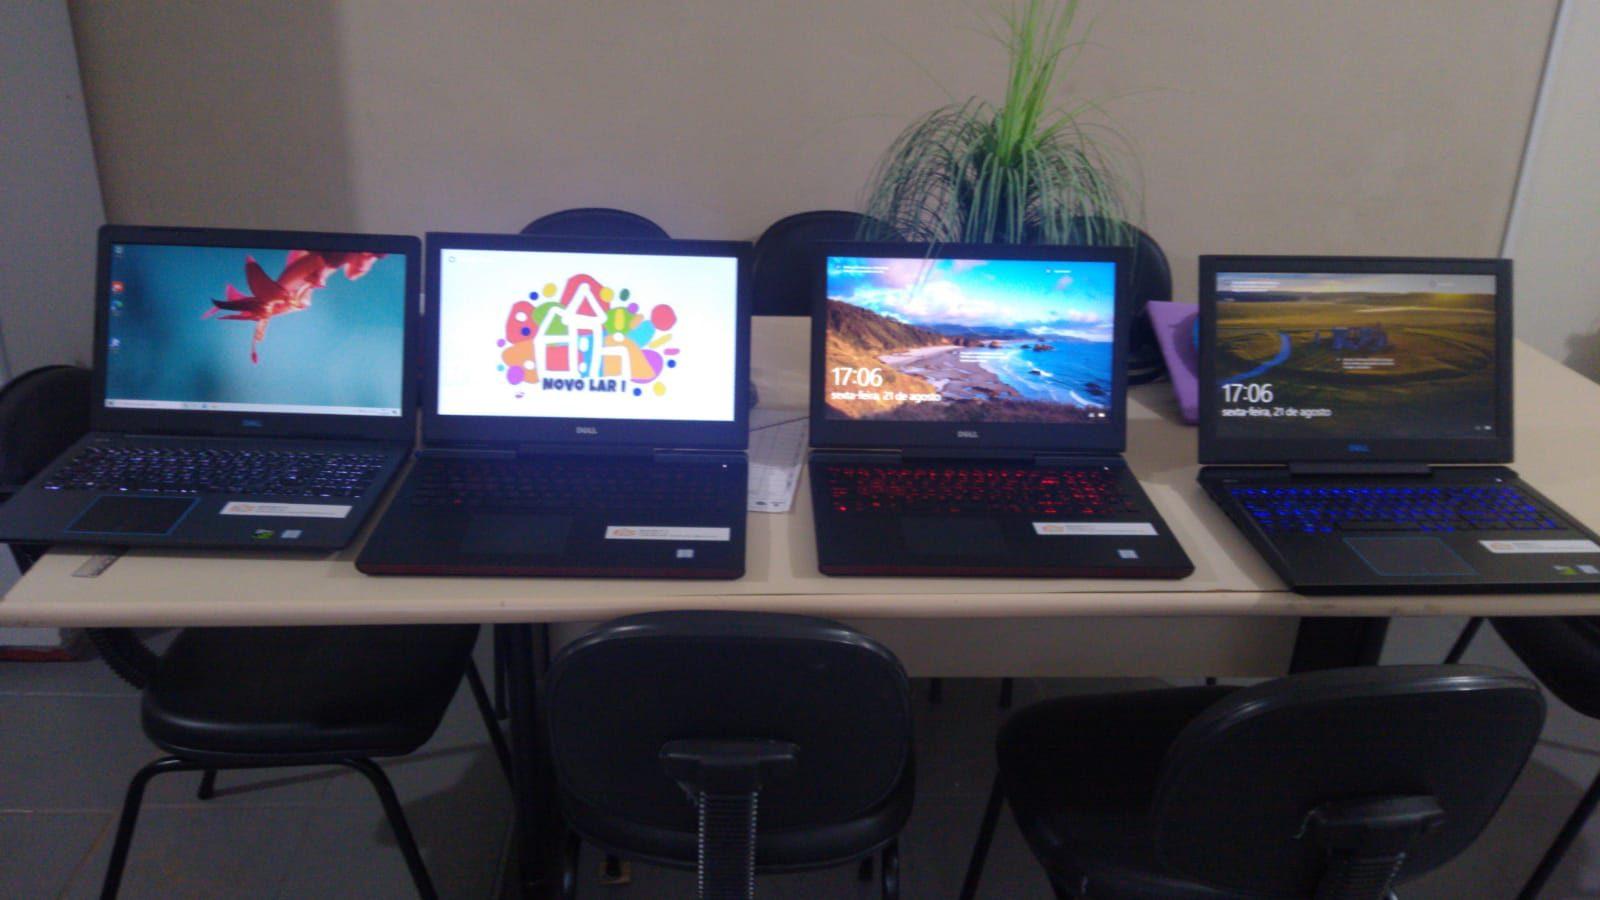 Educação na quarentena: Intel e outras empresas doam mais de 60 PCs para diversas instituições do país 2